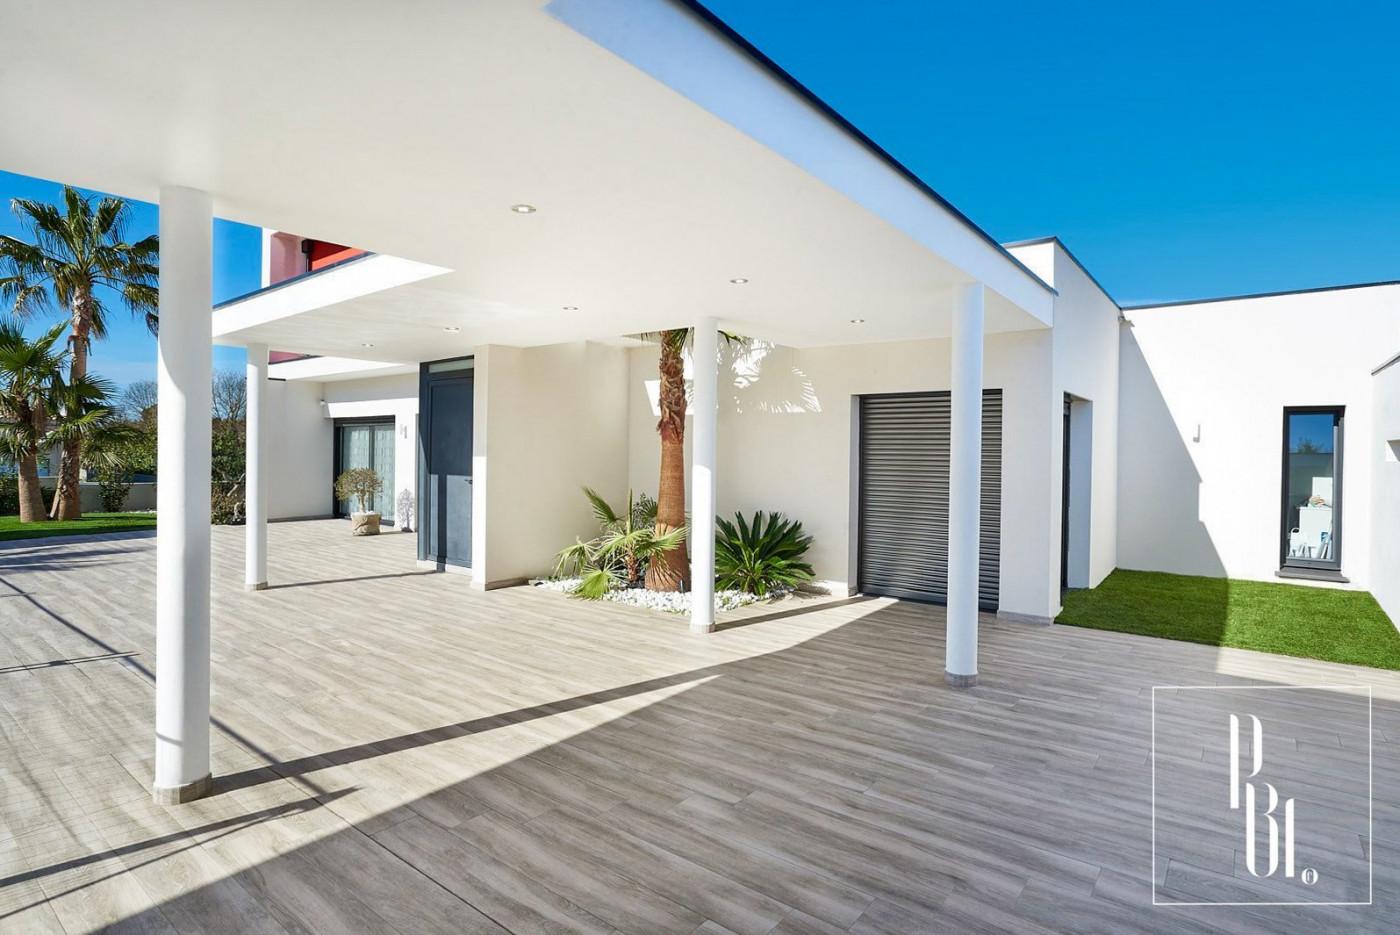 A vendre  Beziers | Réf 34505882 - Pierre blanche immobilier